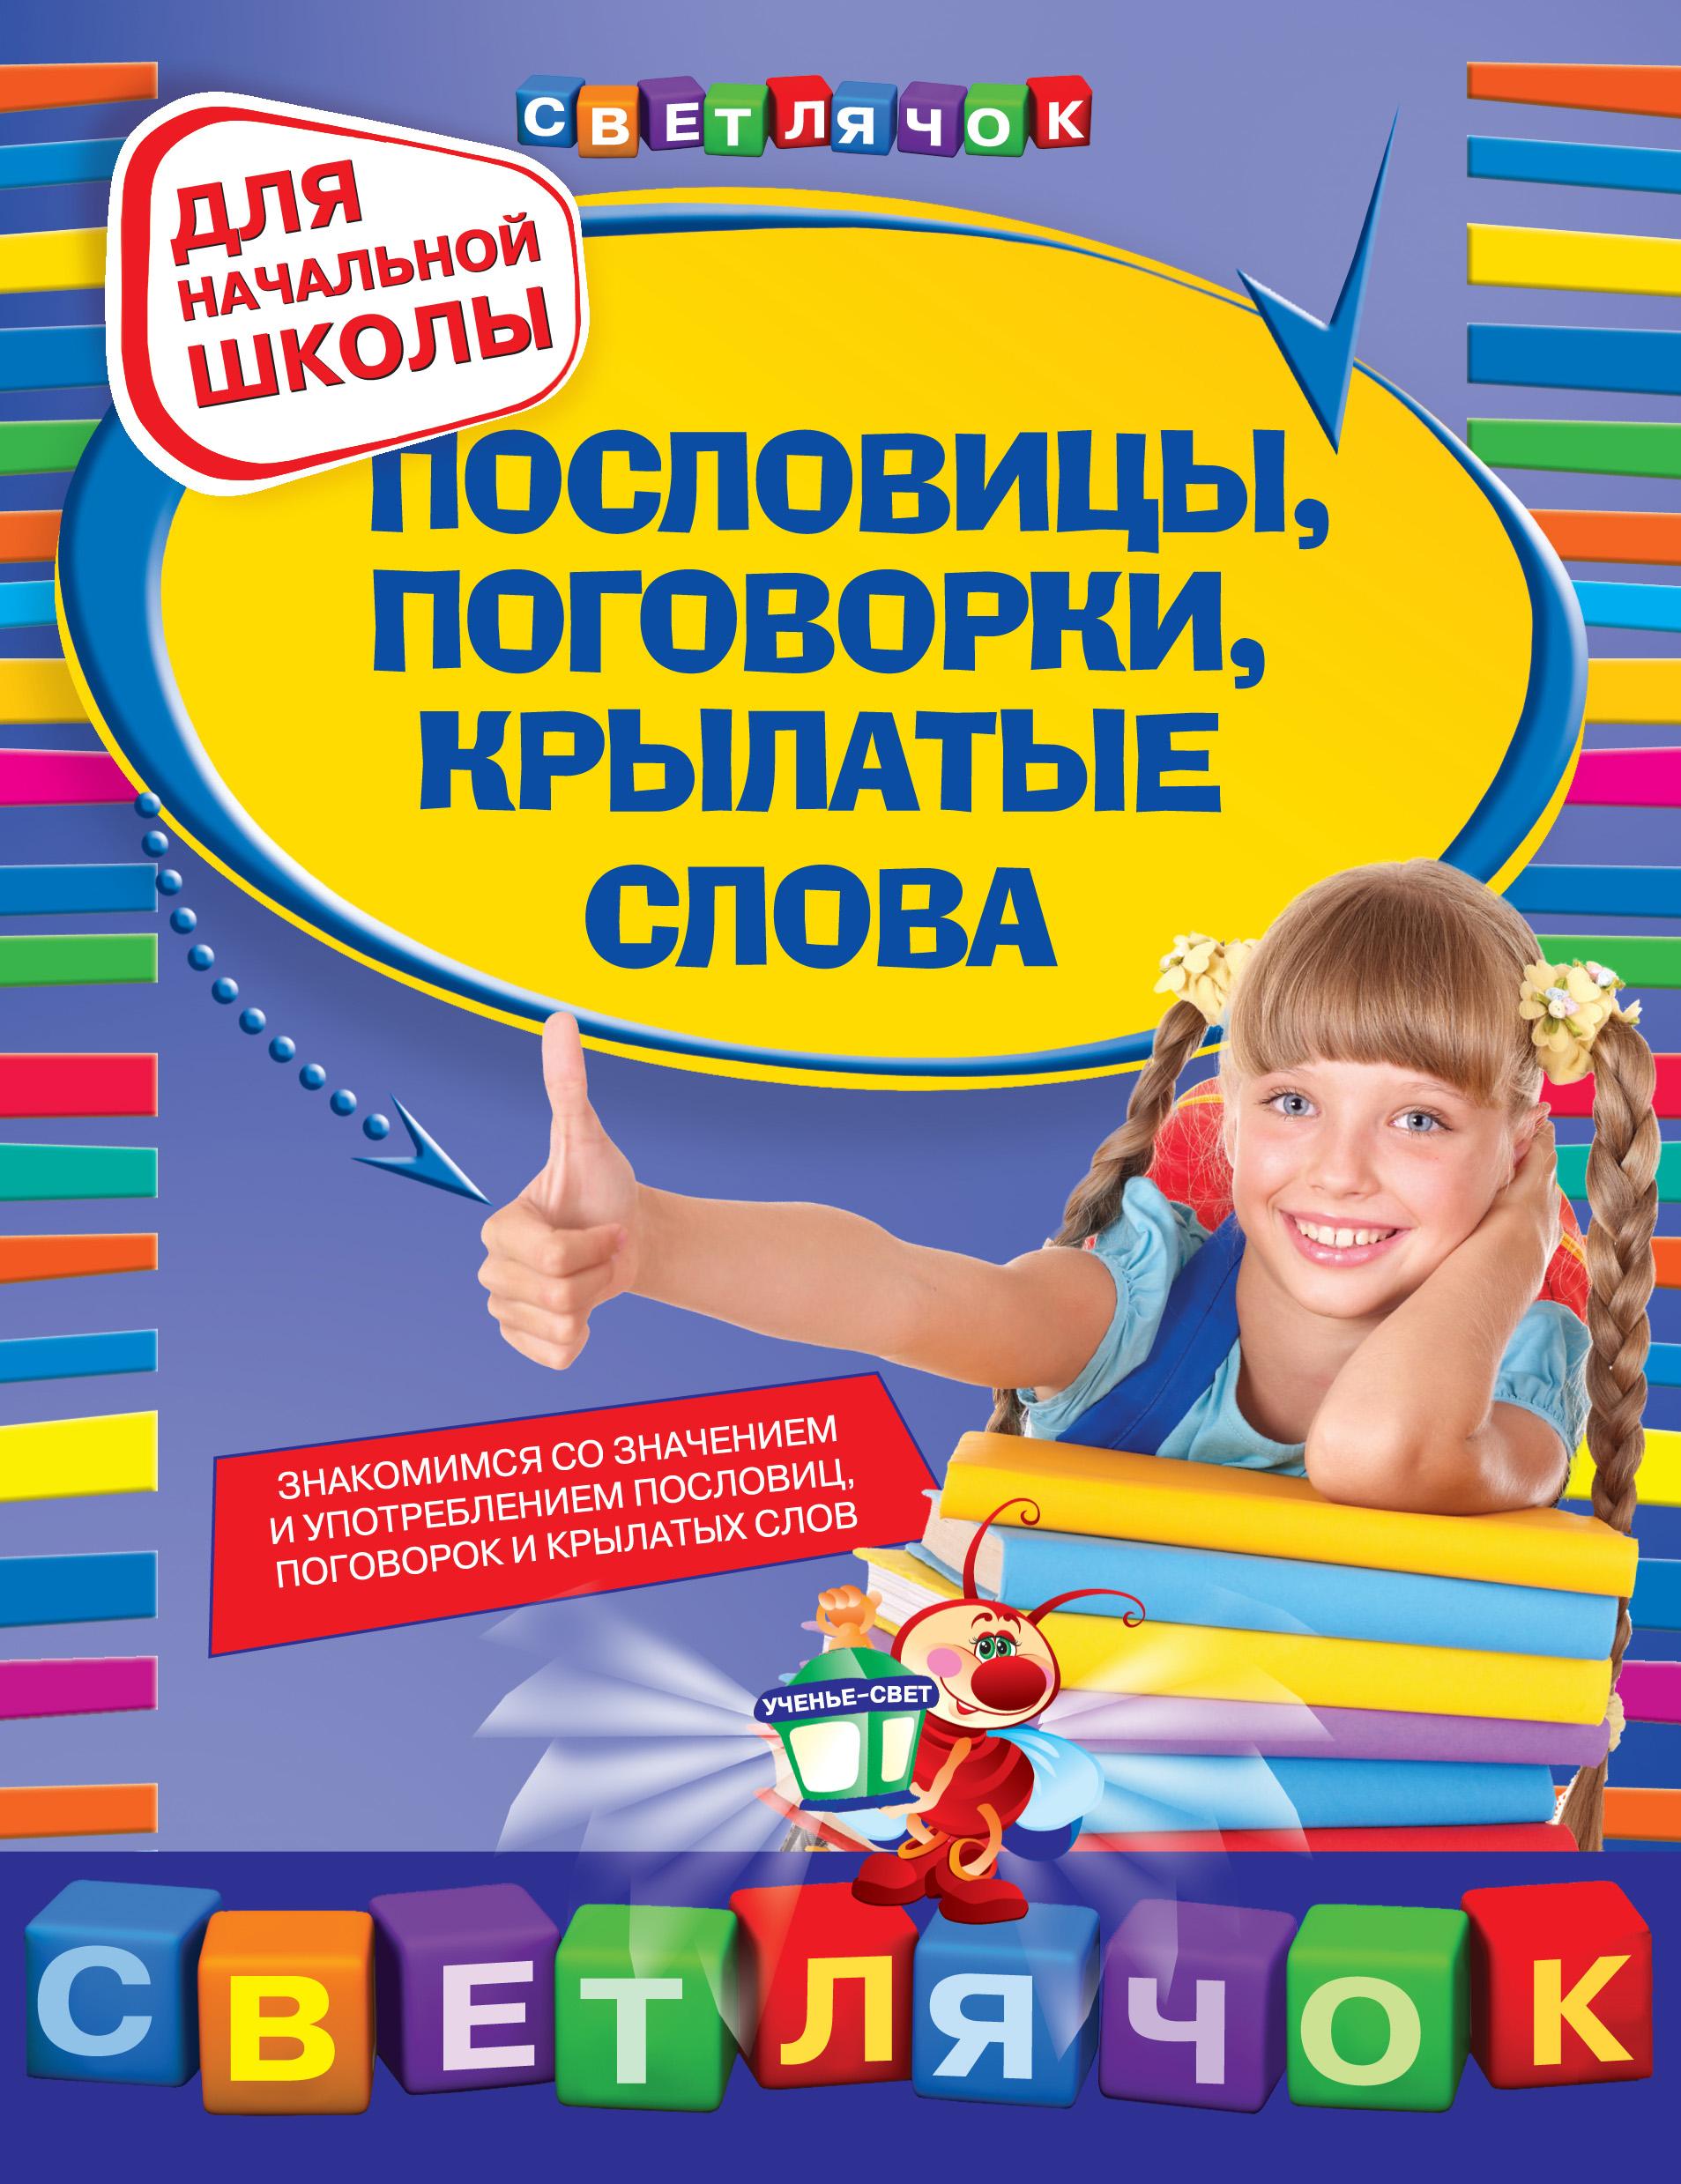 все цены на Ольга Александрова Пословицы, поговорки, крылатые слова: для начальной школы